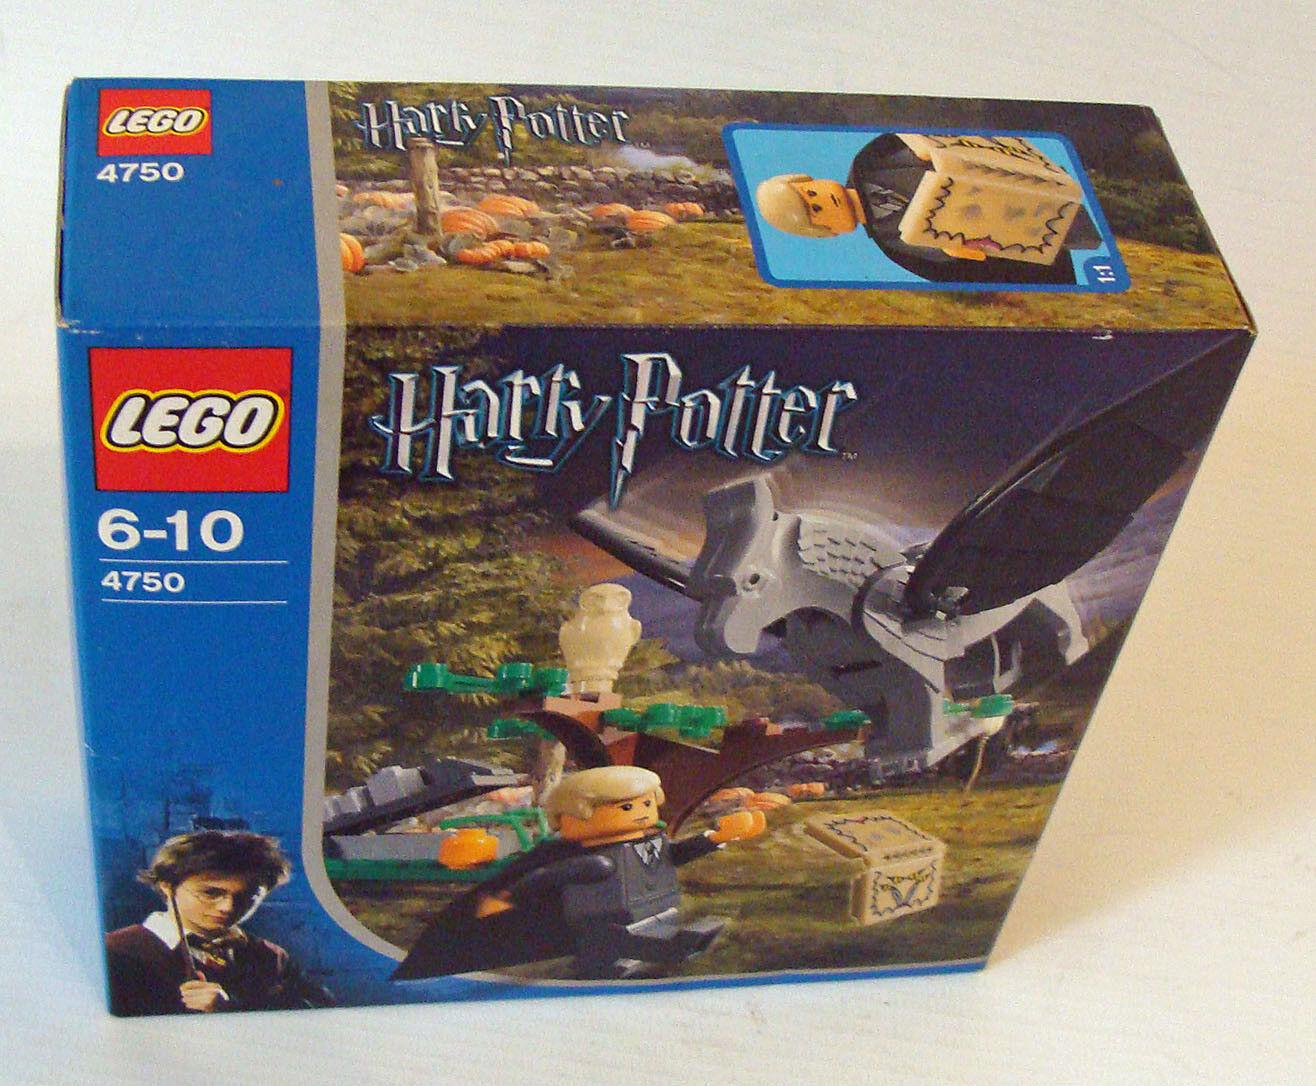 Lego® Harry Potter 4750 - Draco und der Hippogreif  36 Teile 6-10 Jahren - Neu